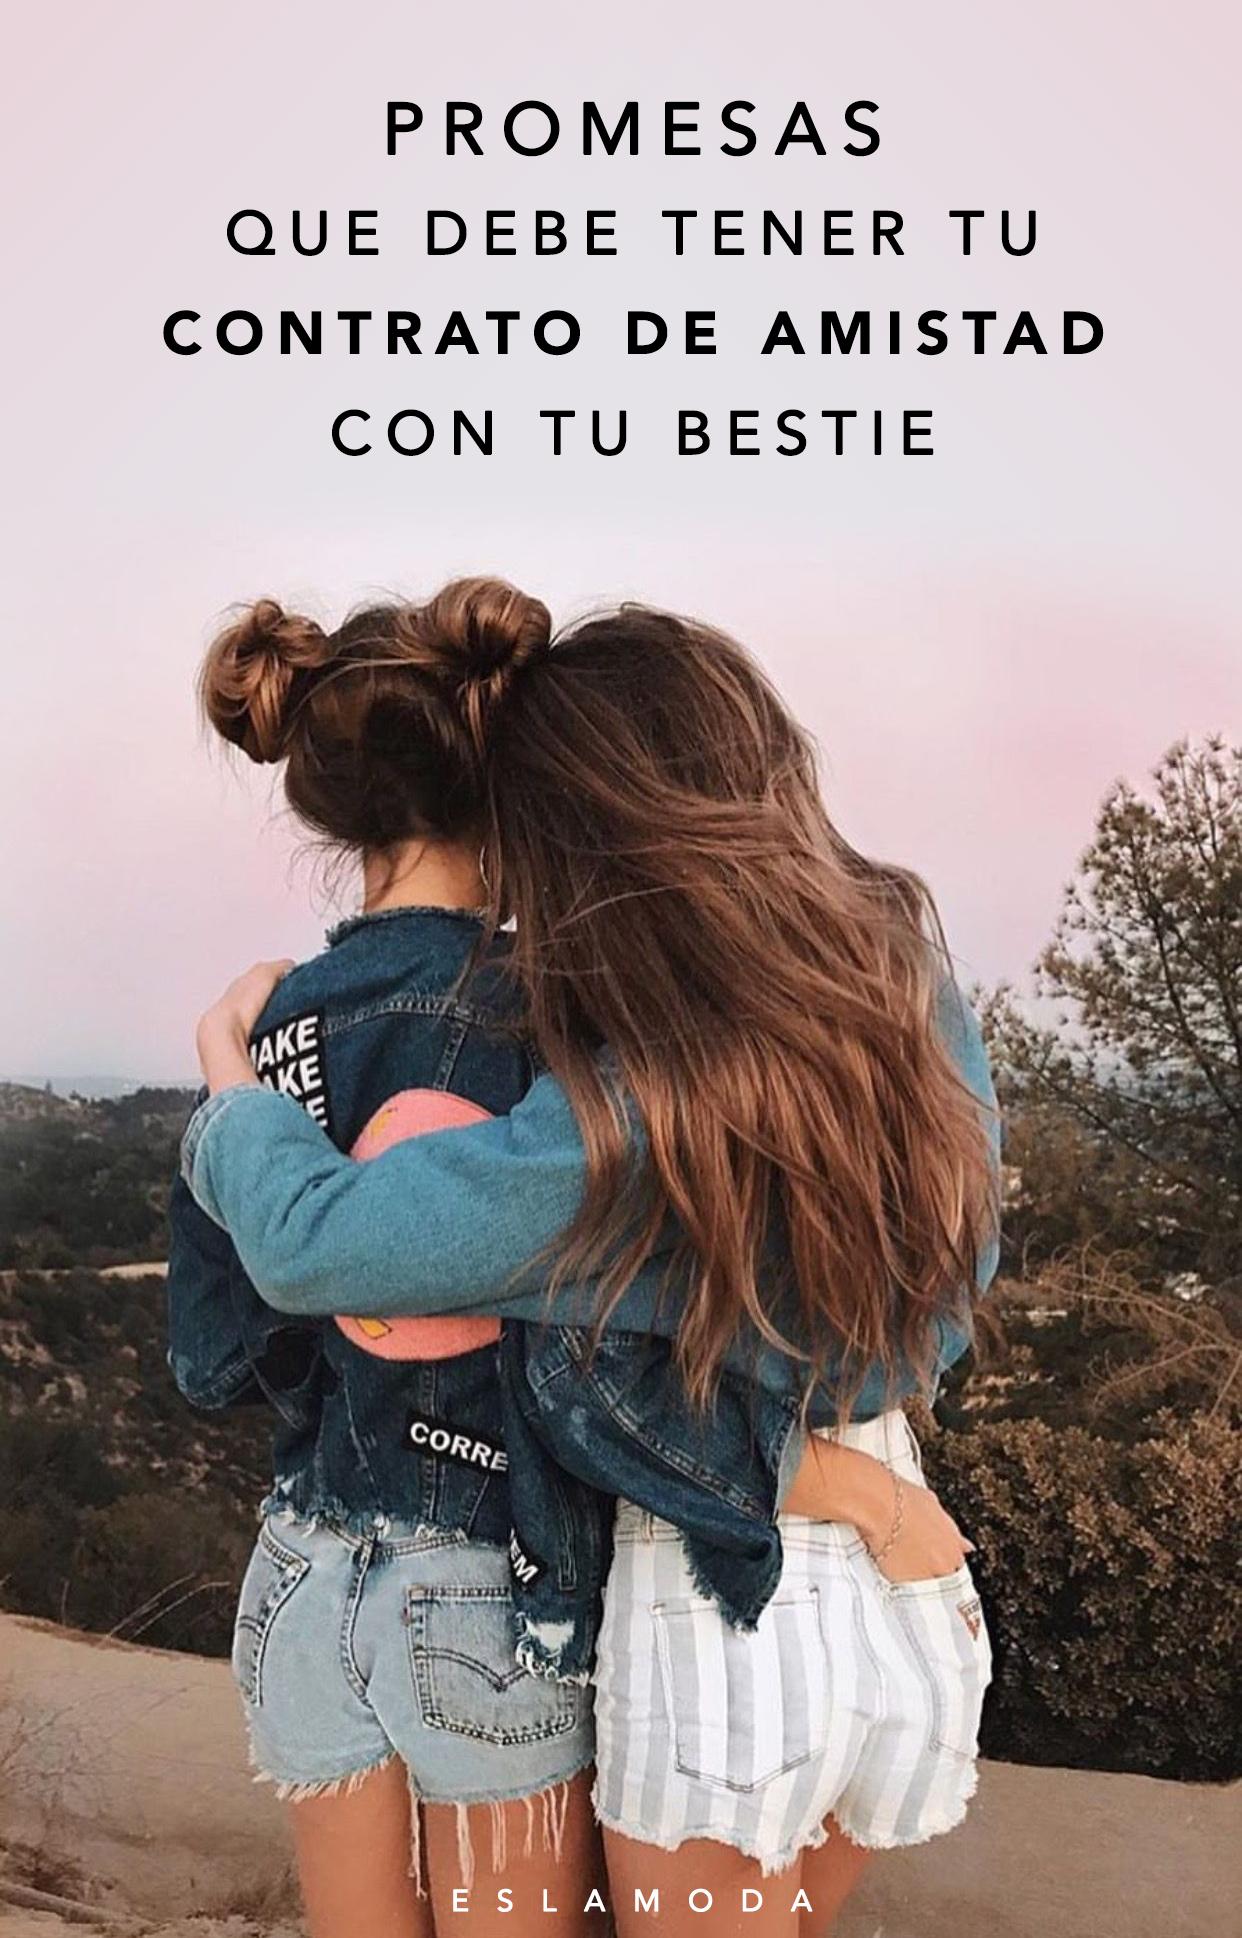 20 Promesas Que Debe Tener Tu Contrato De Amistad Con Tu